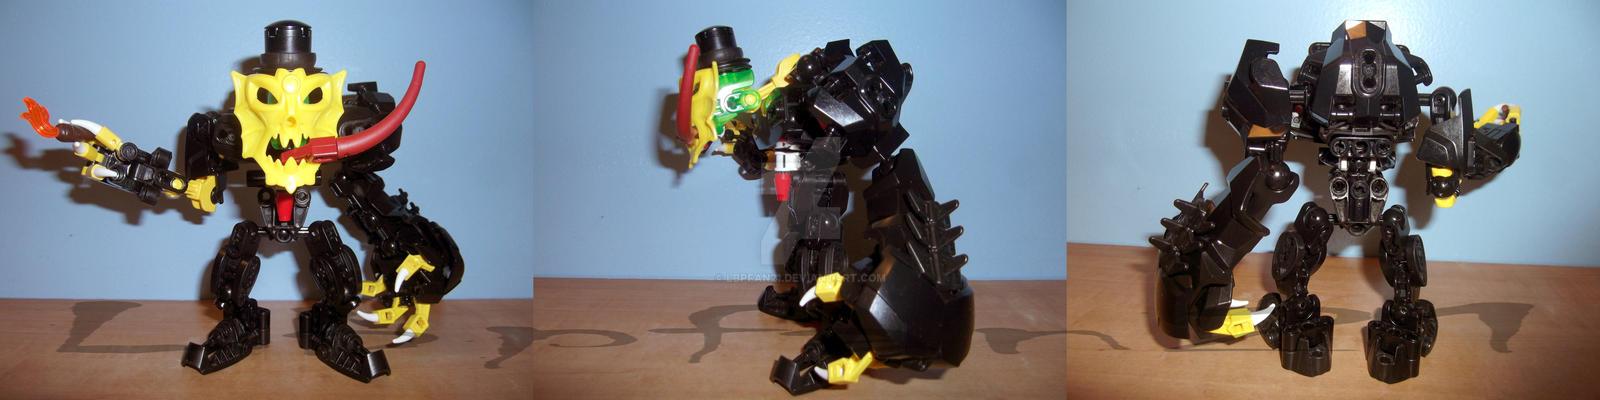 Bionicle Moc: Mr. Jekyll by lbpfan21